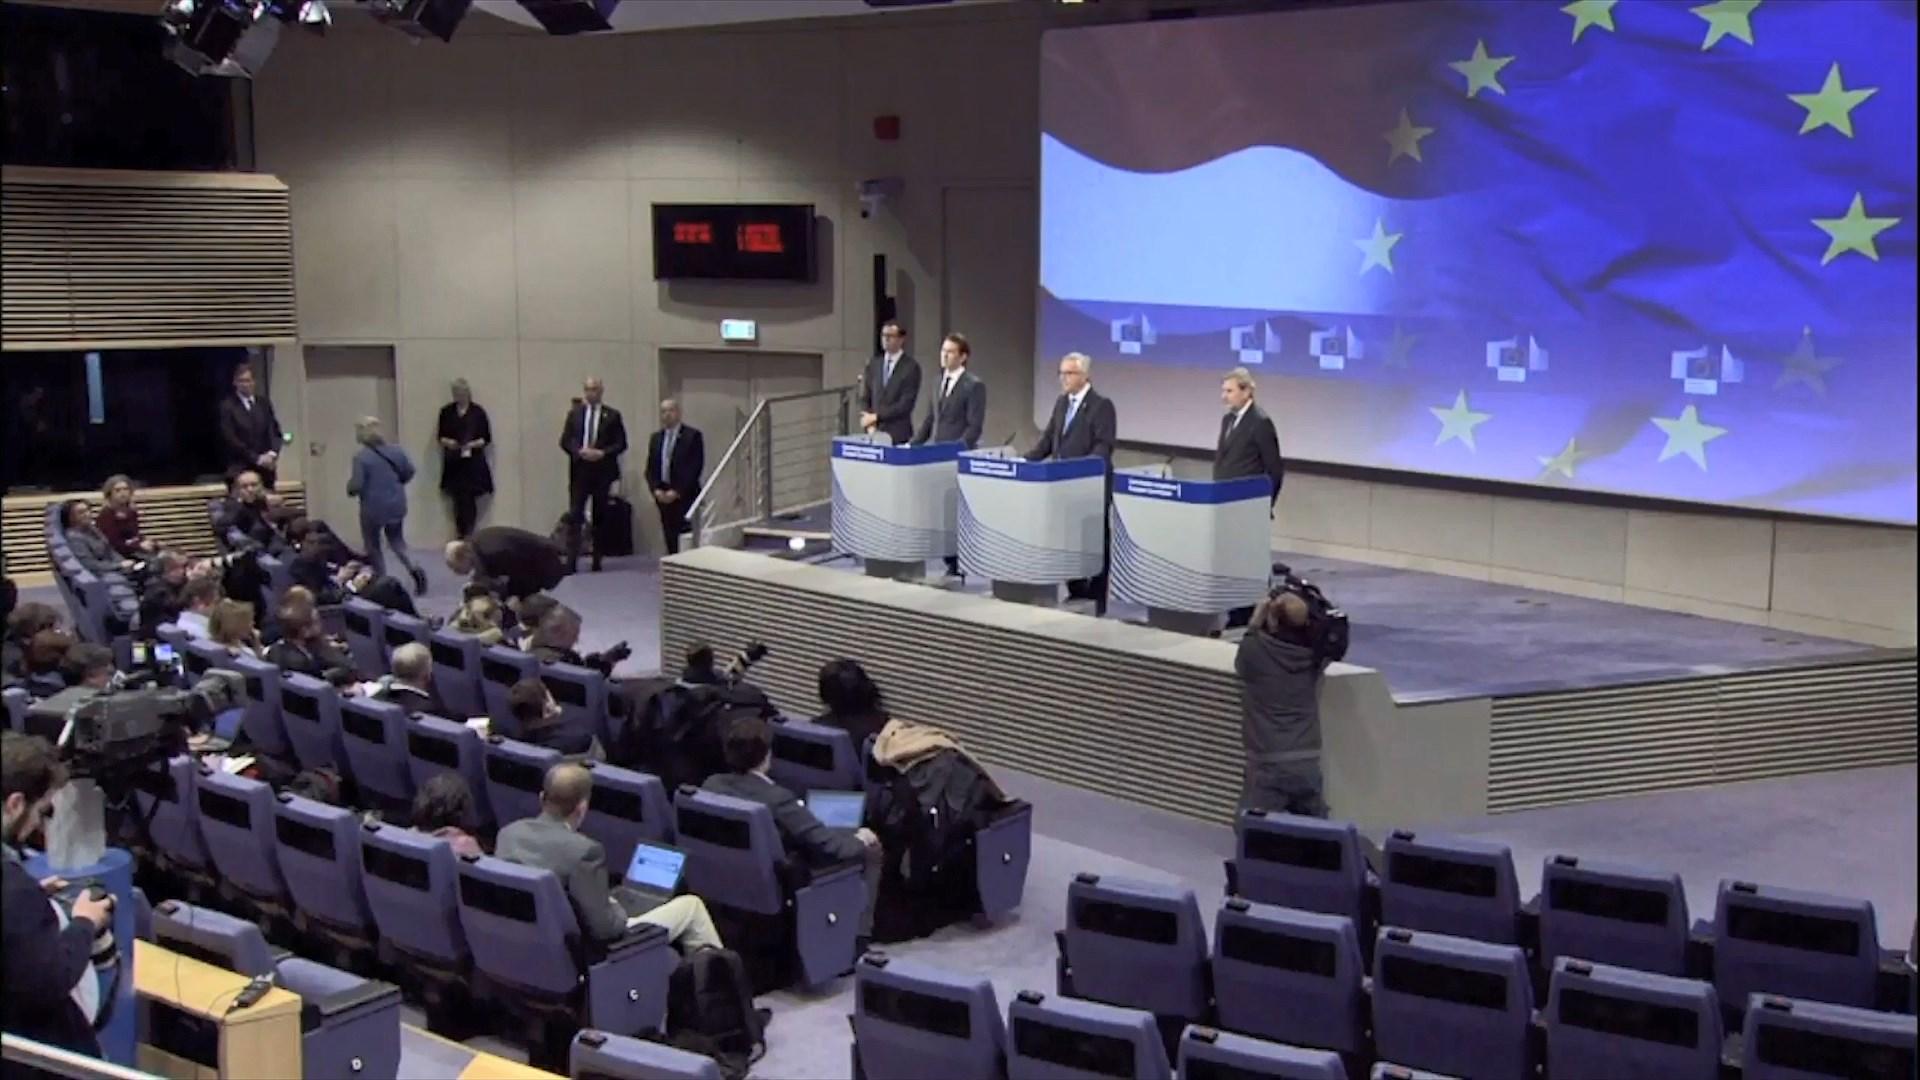 Apeli i Juncker: Ballkani duhet ta bëjë të qartë nëse do anëtarësimin në BE